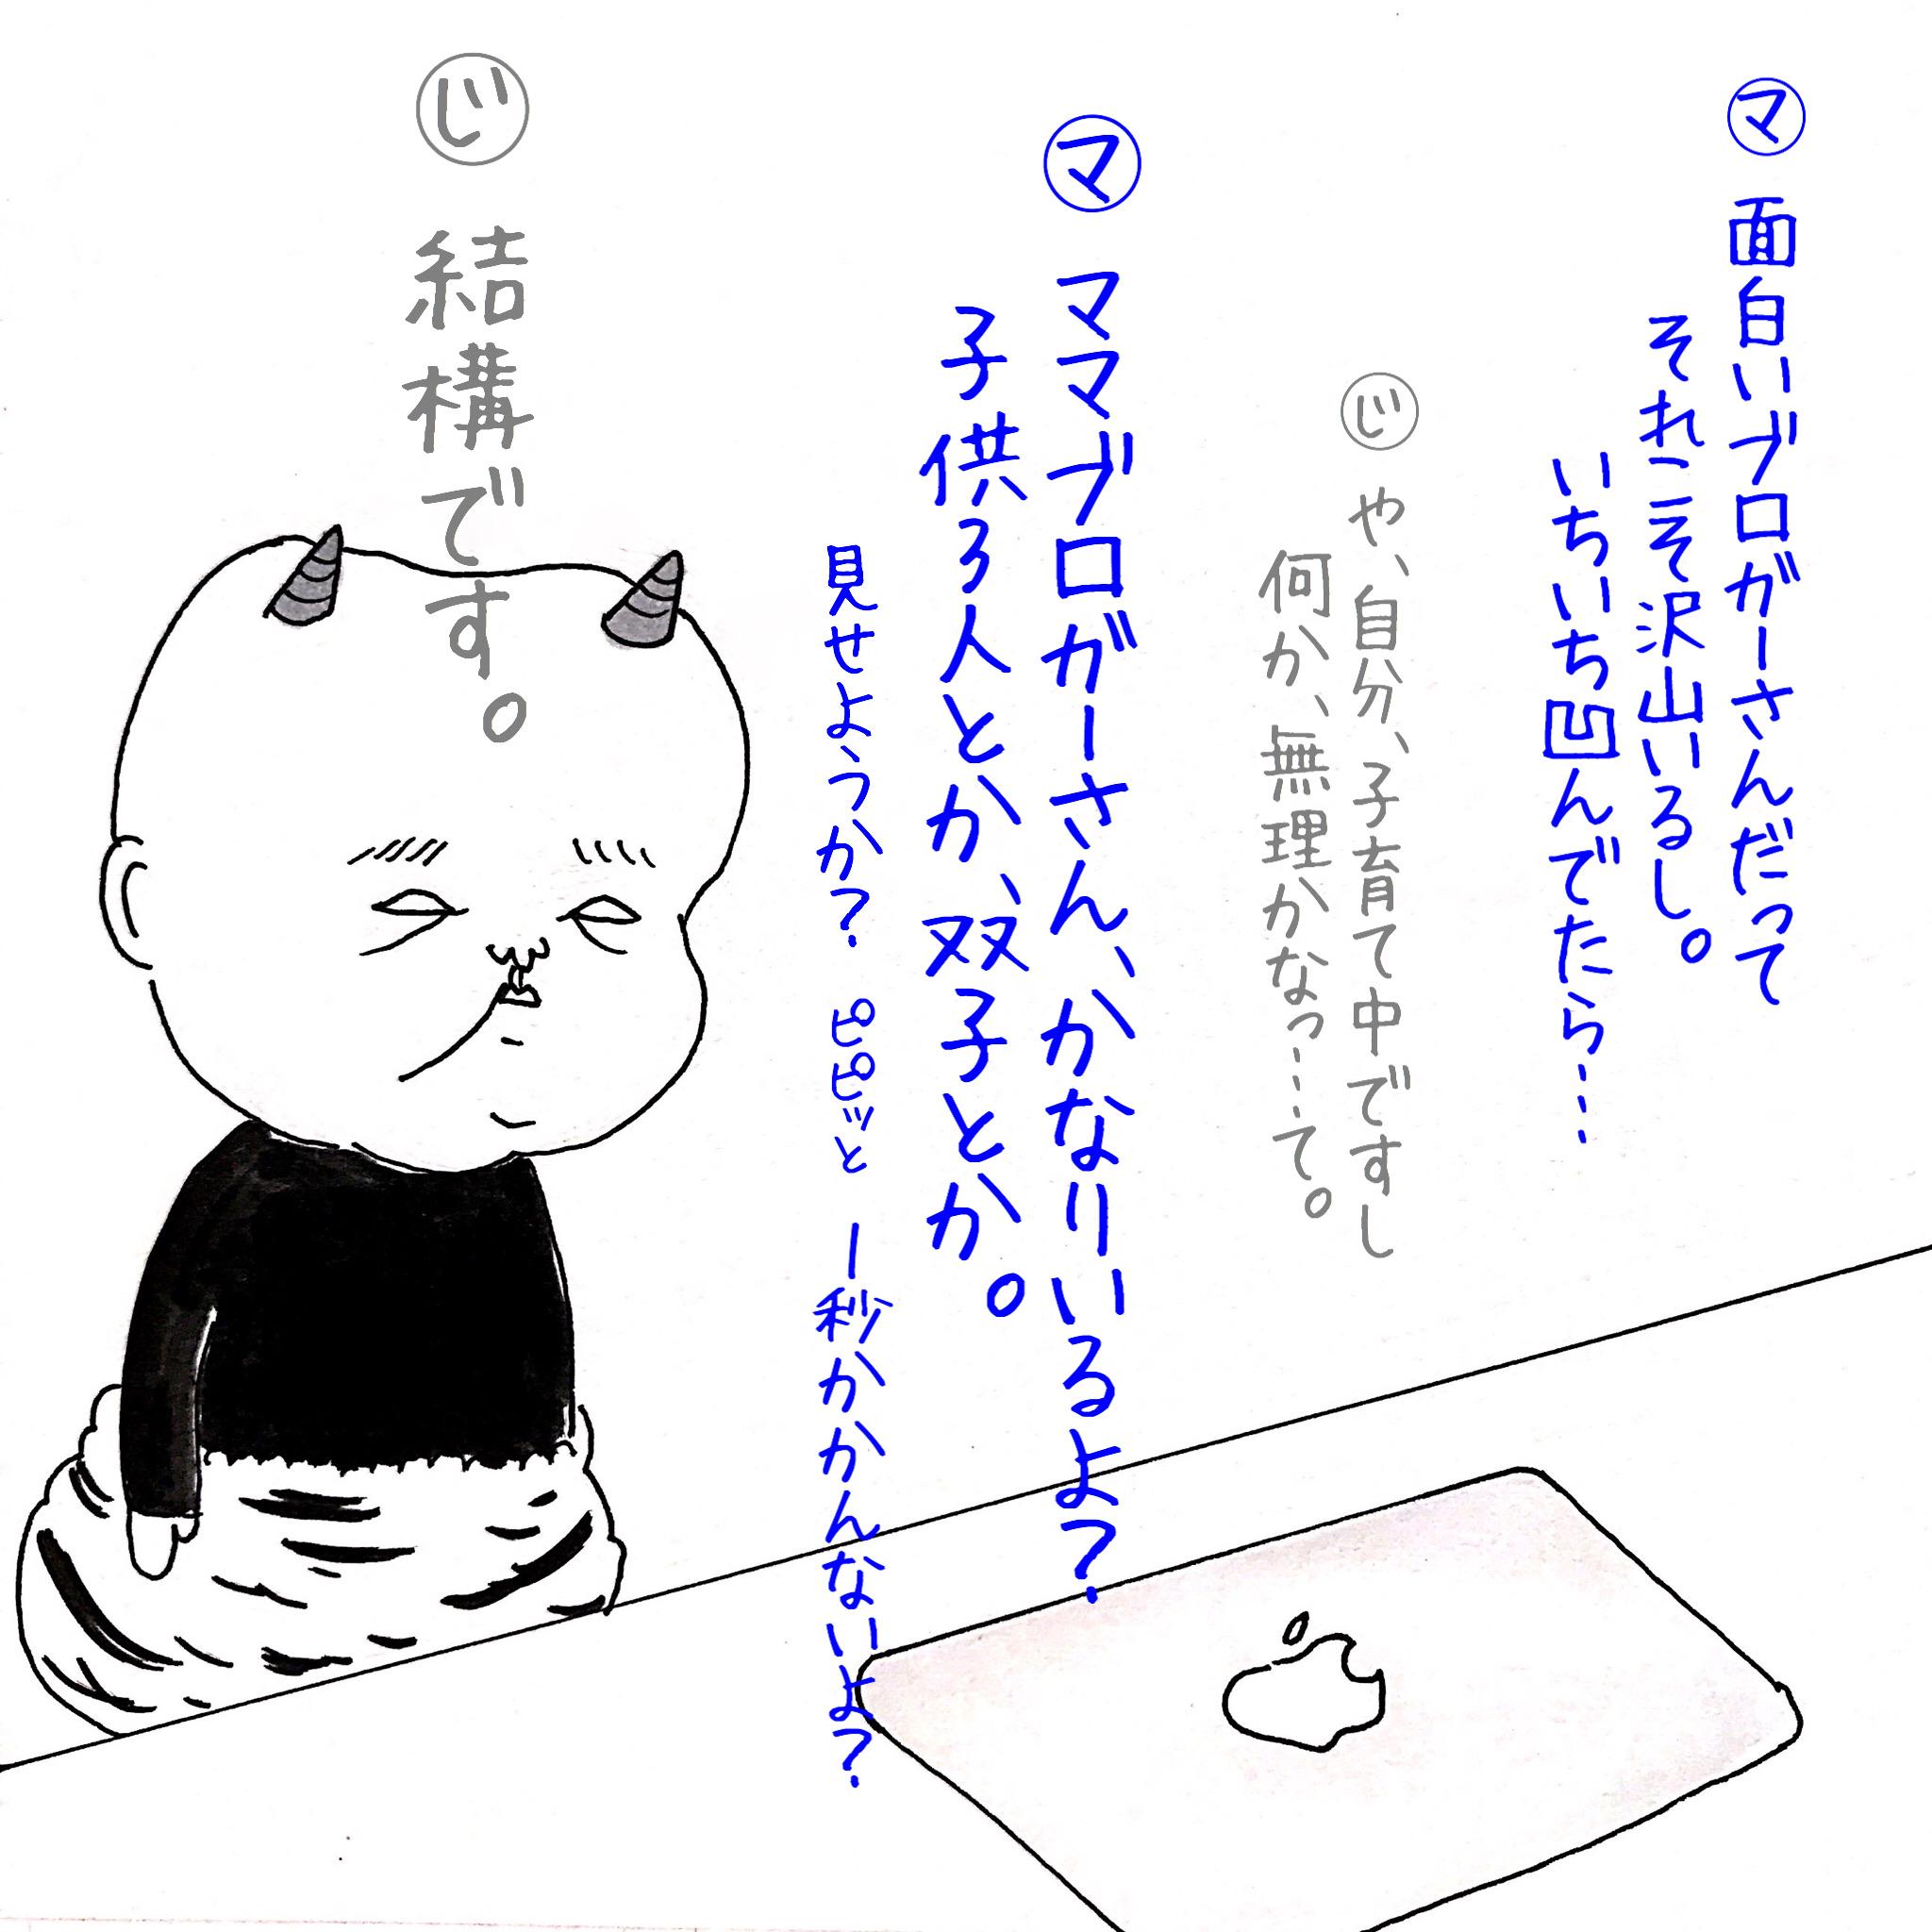 テレパシー会話漫画12